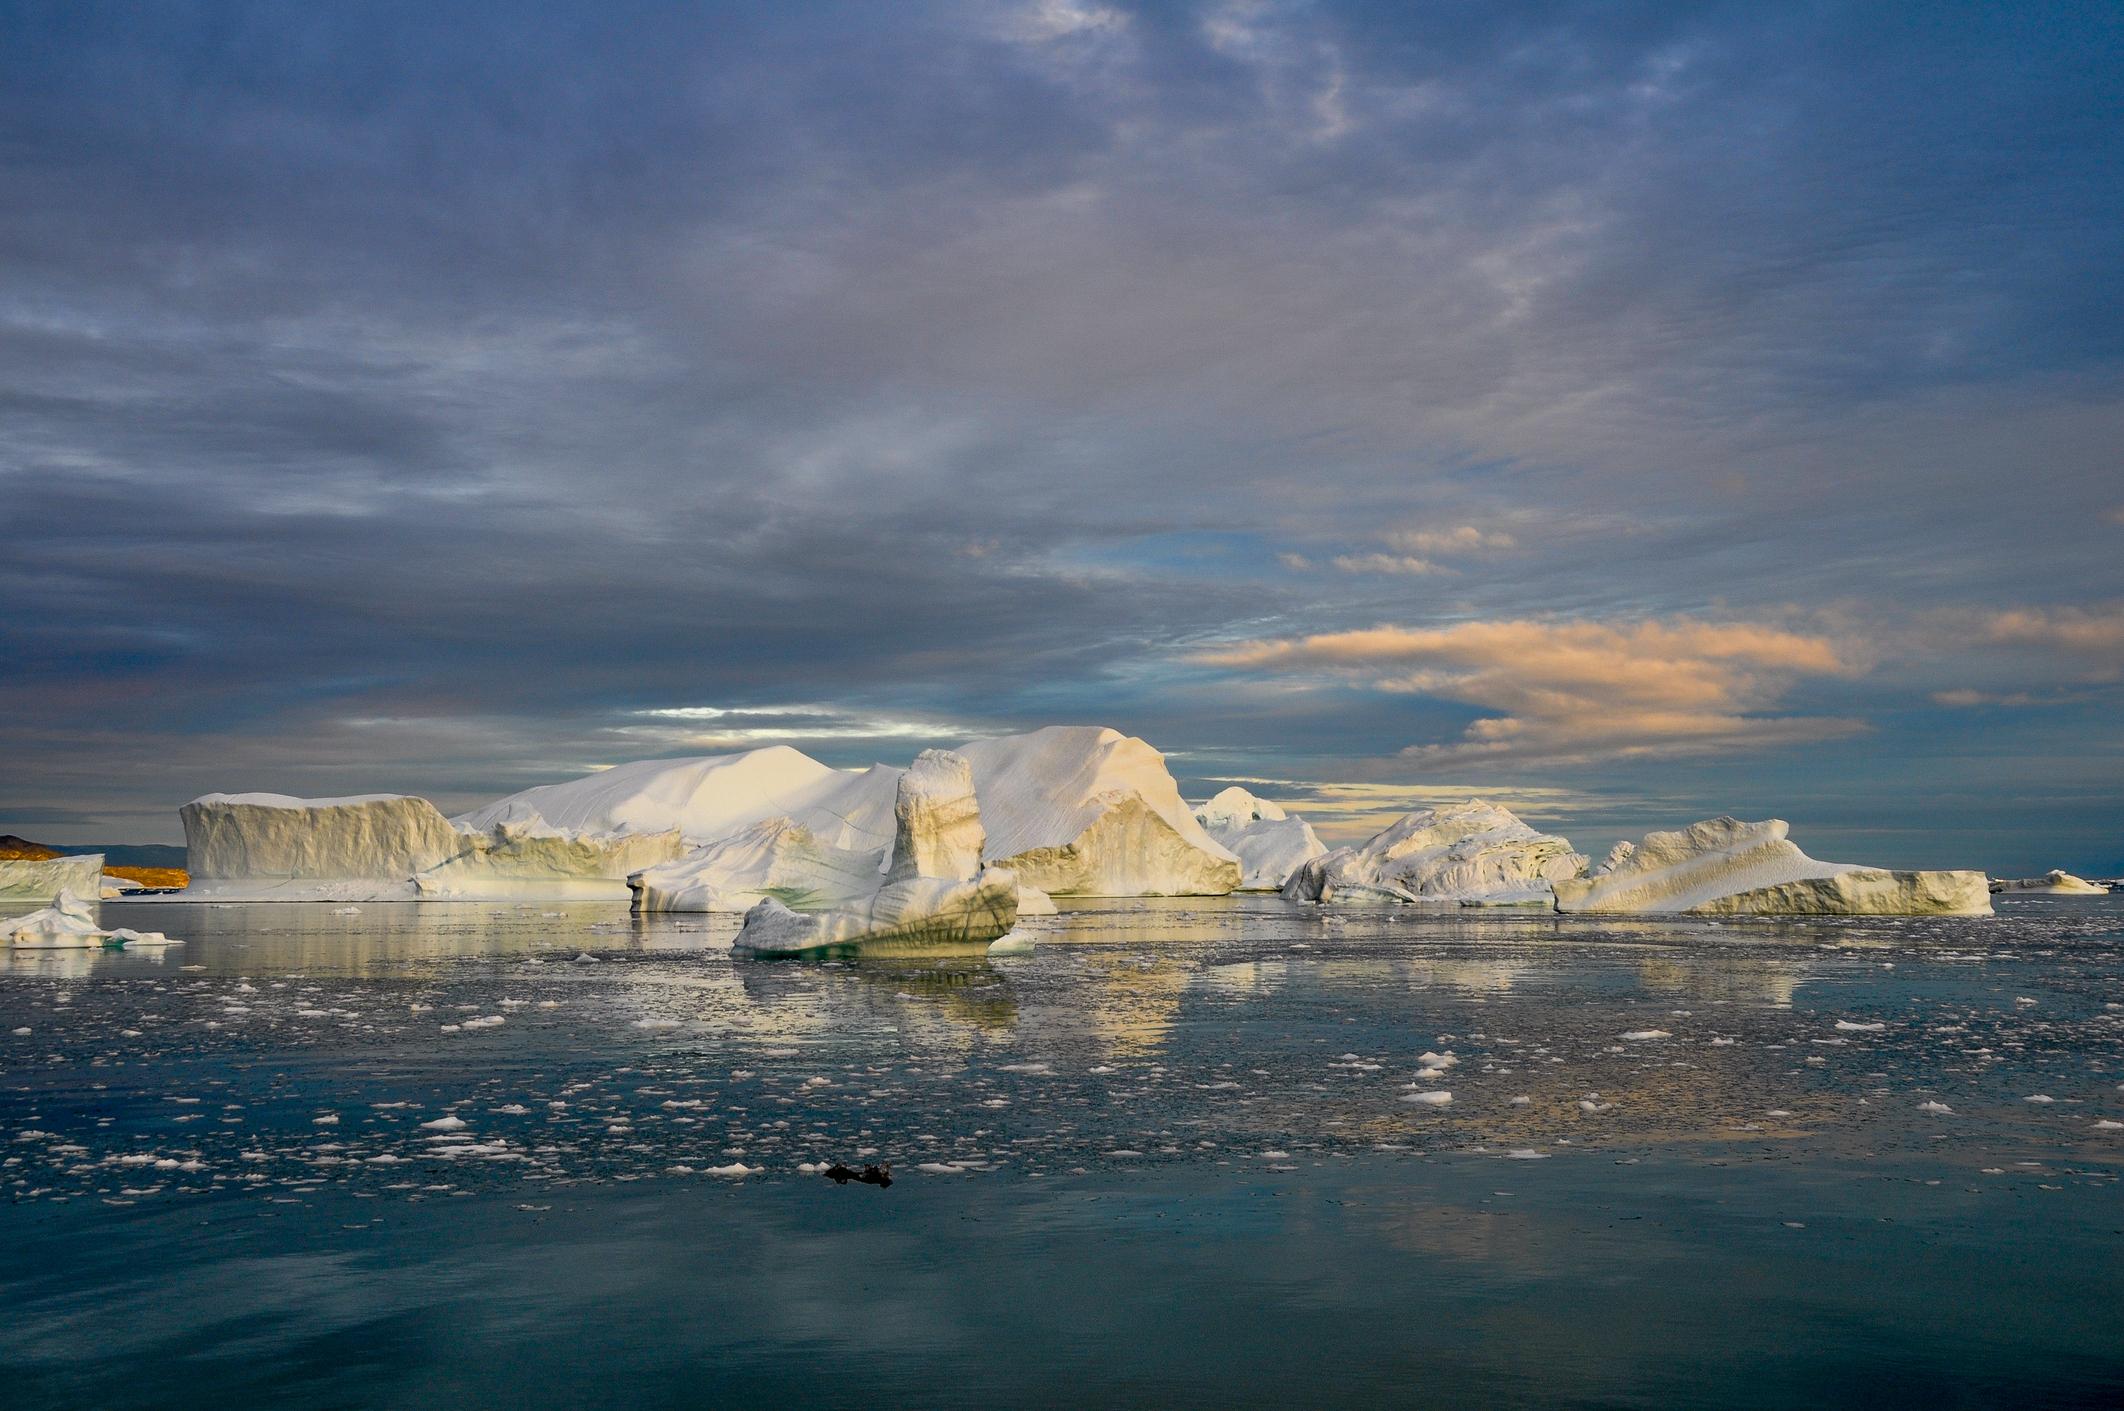 Stratul de gheață din Groenlanda se topește într-un ritm accelerat. Orașe întregi ar putea fi înghițite de ocean